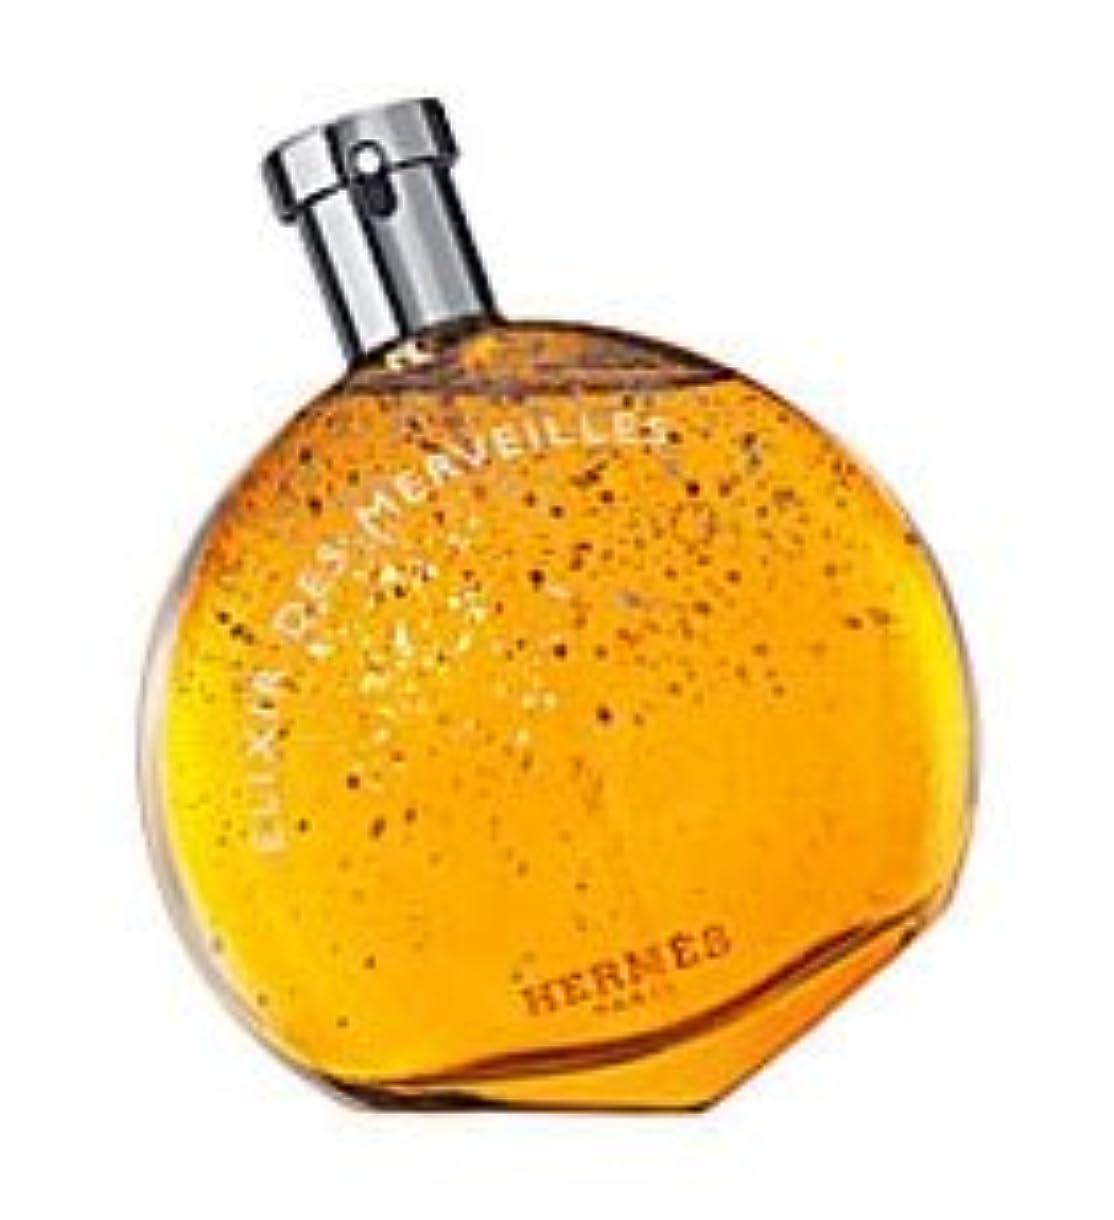 配置ディスカウントフォーラムElixir des Merveilles (エリキサーデ マーベルス)3.3 oz (100ml) EDP Spray by Hermes for Women